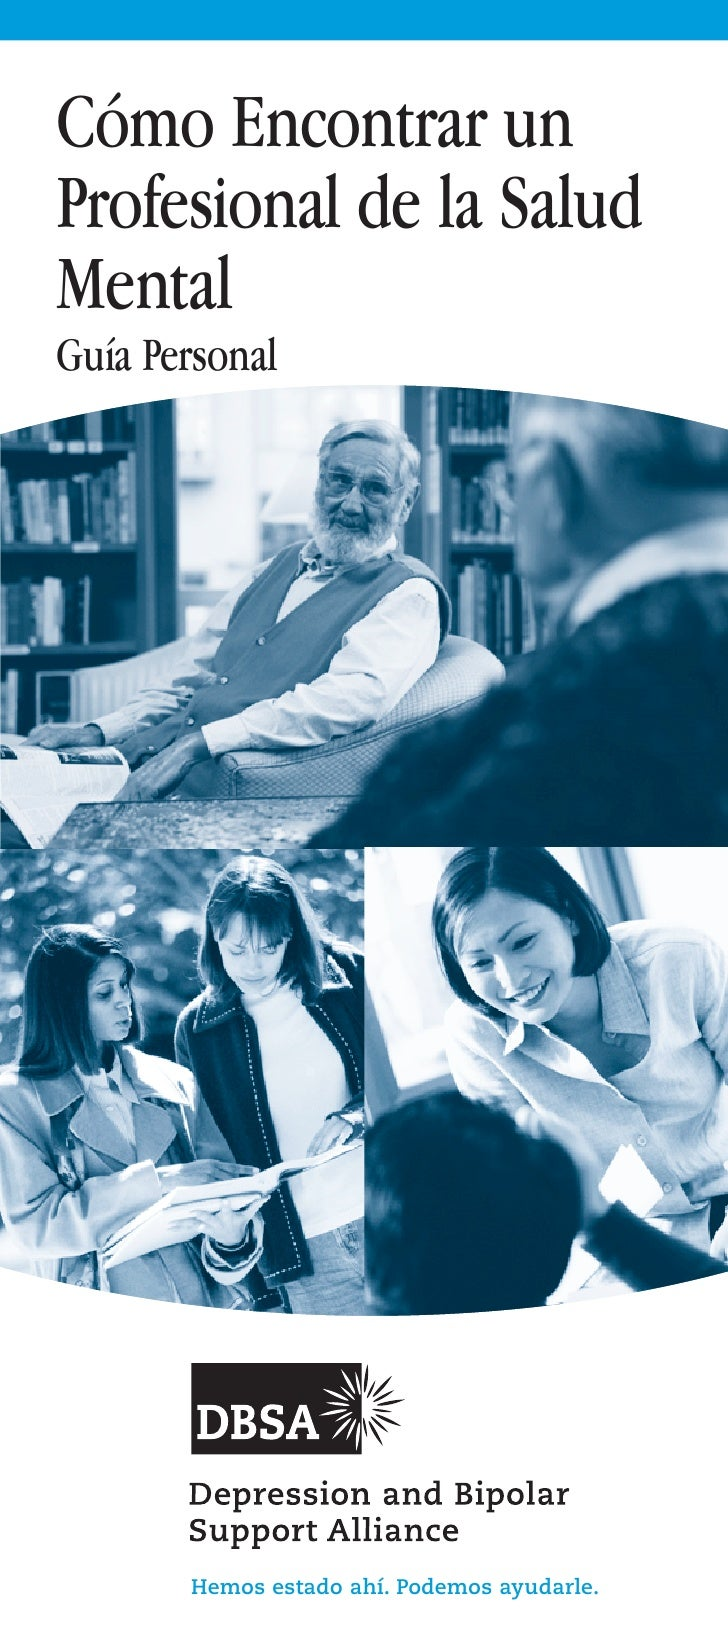 Cómo Encontrar unProfesional de la SaludMentalGuía Personal       Hemos estado ahí. Podemos ayudarle.